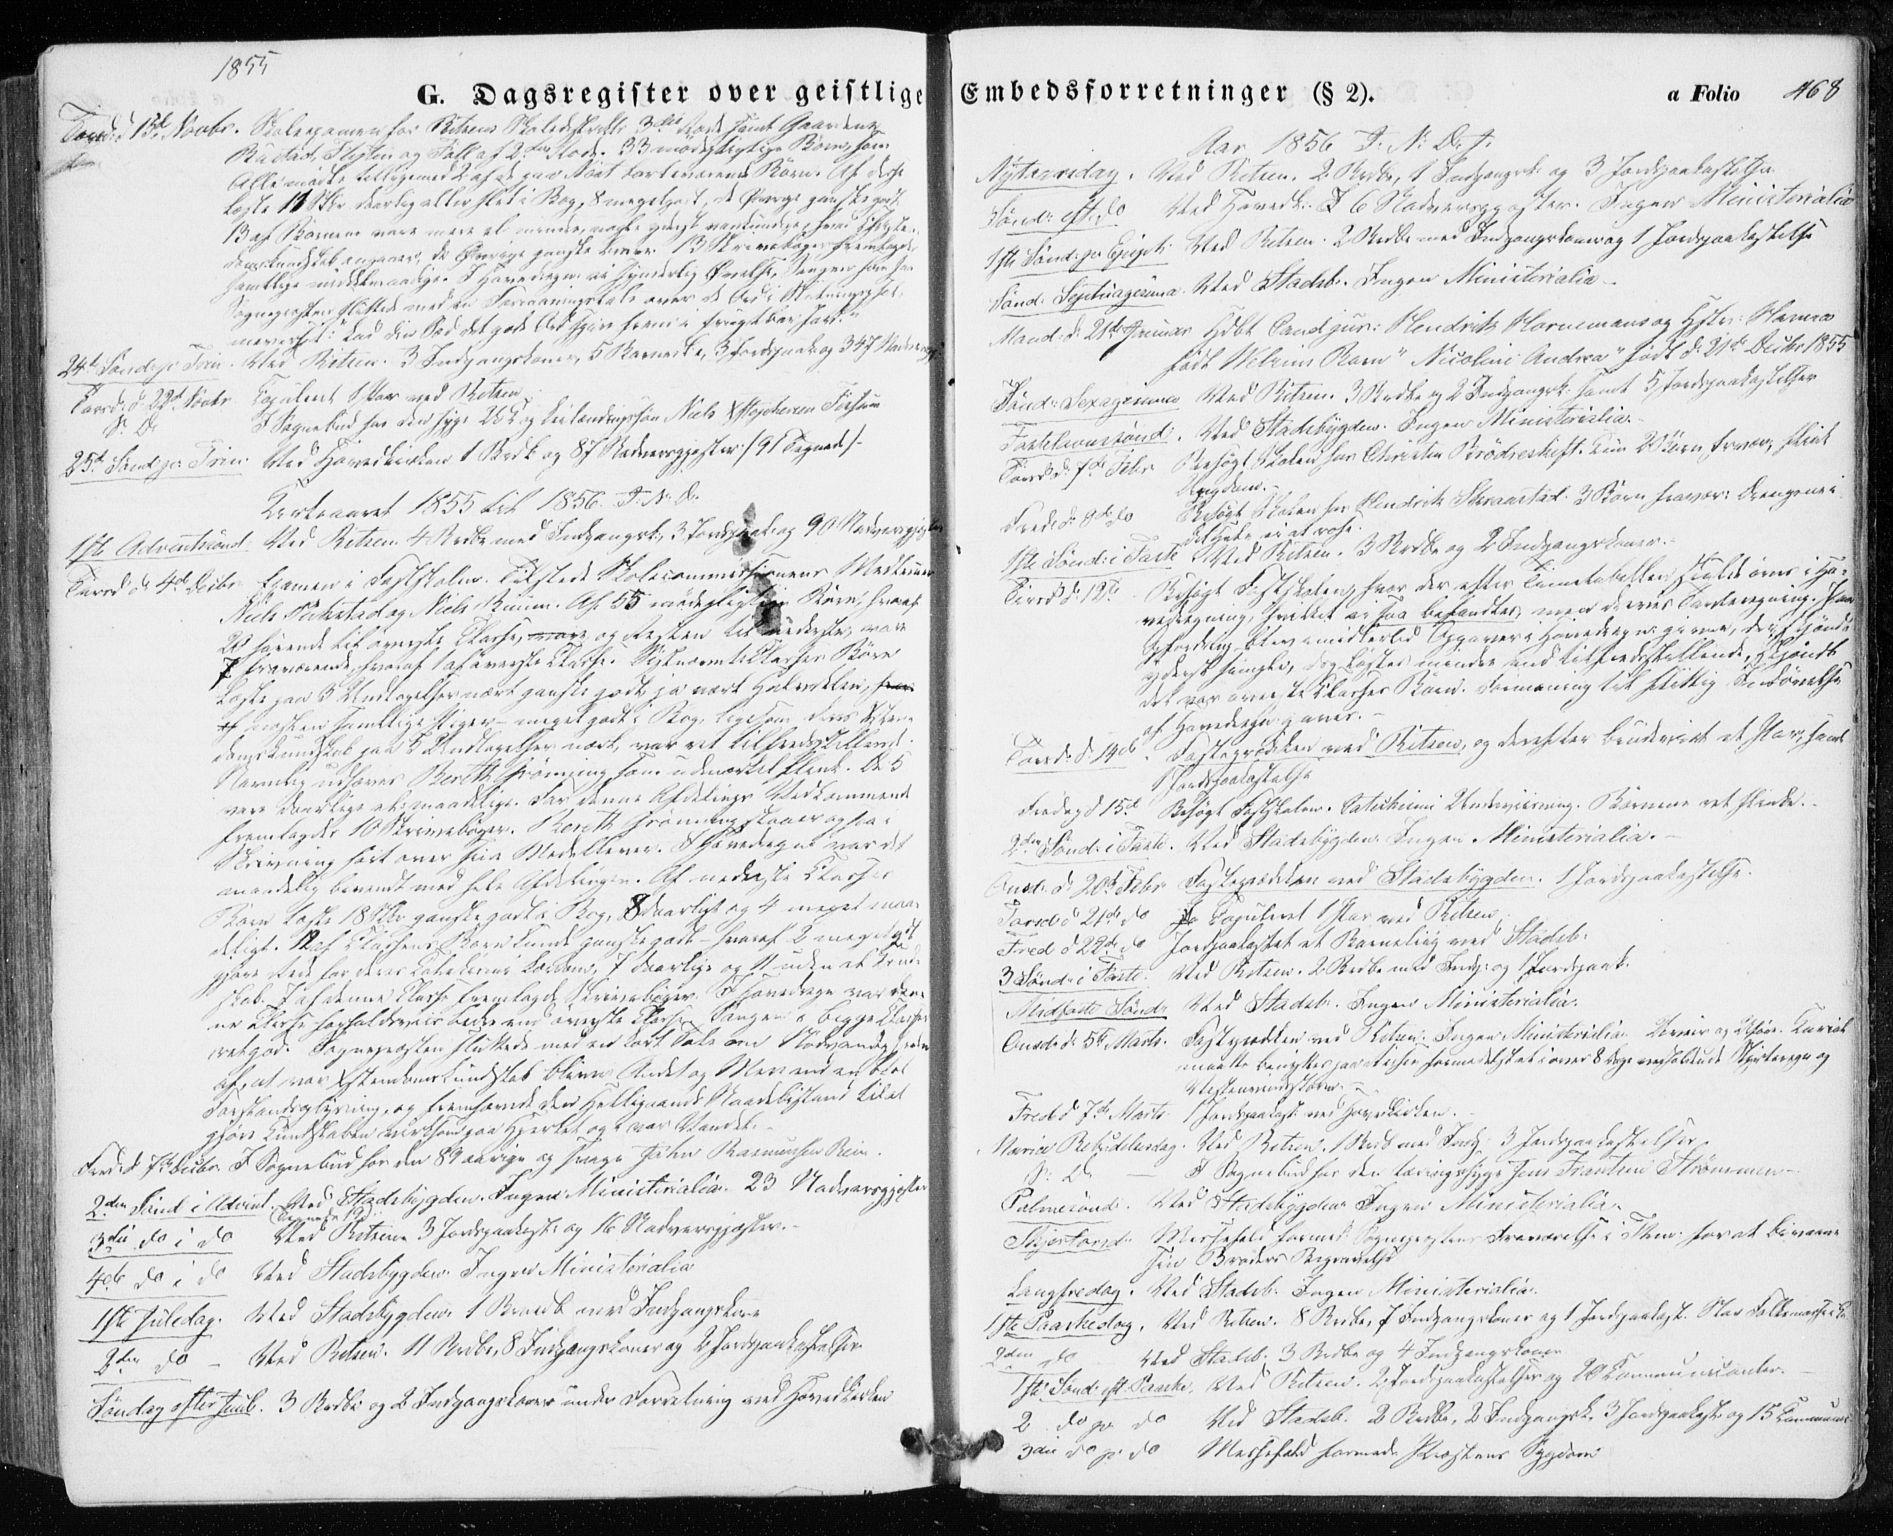 SAT, Ministerialprotokoller, klokkerbøker og fødselsregistre - Sør-Trøndelag, 646/L0611: Ministerialbok nr. 646A09, 1848-1857, s. 468